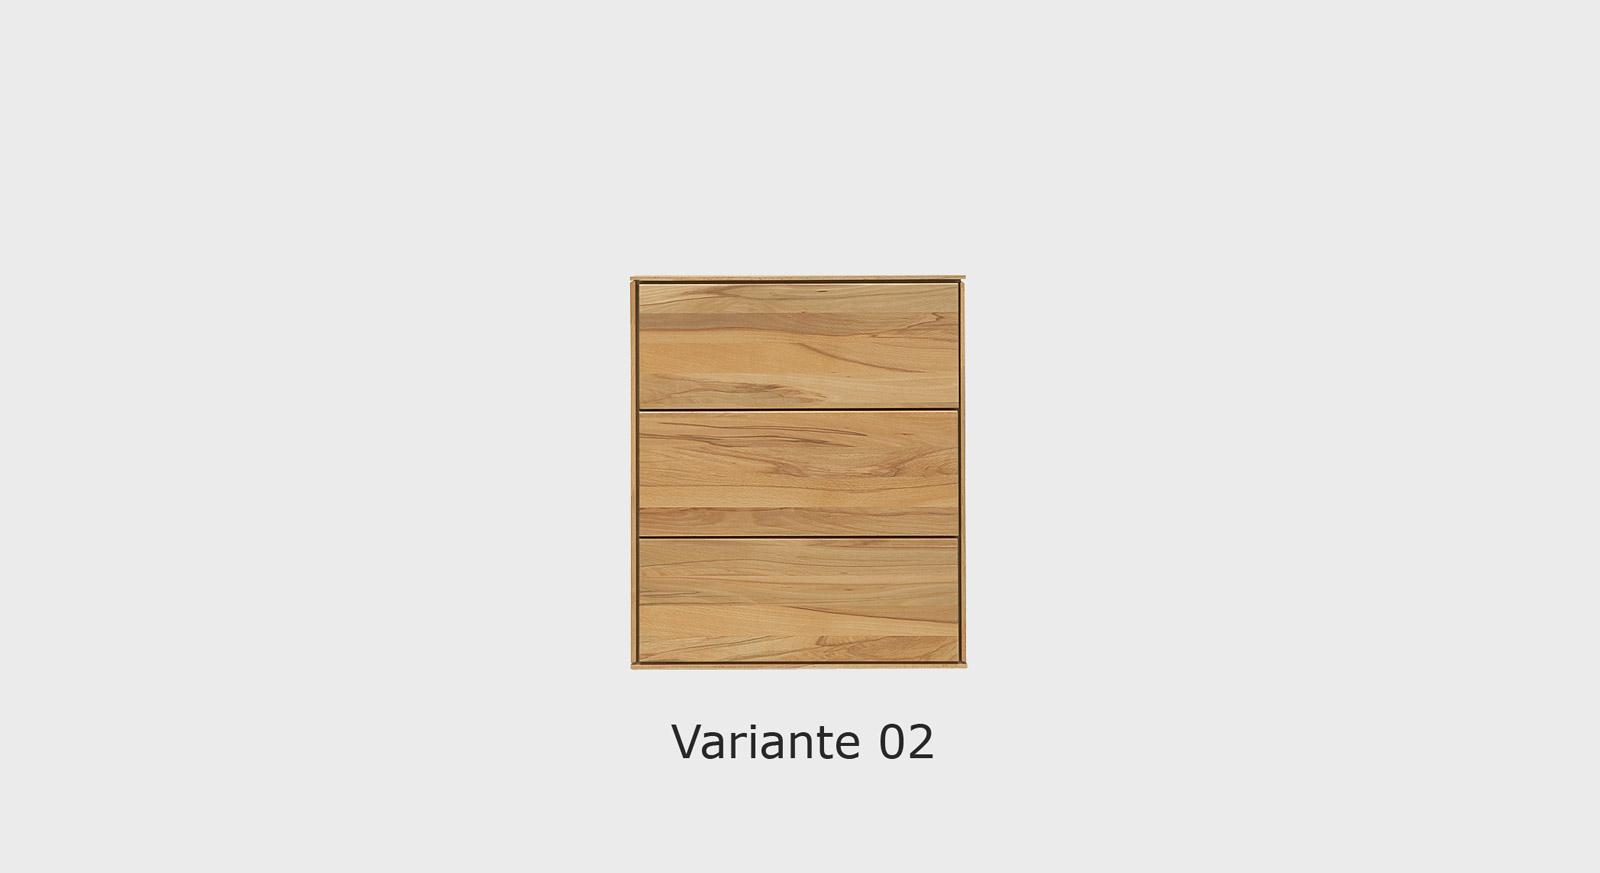 Massivholz-Kommode Aquila in der Variante 02